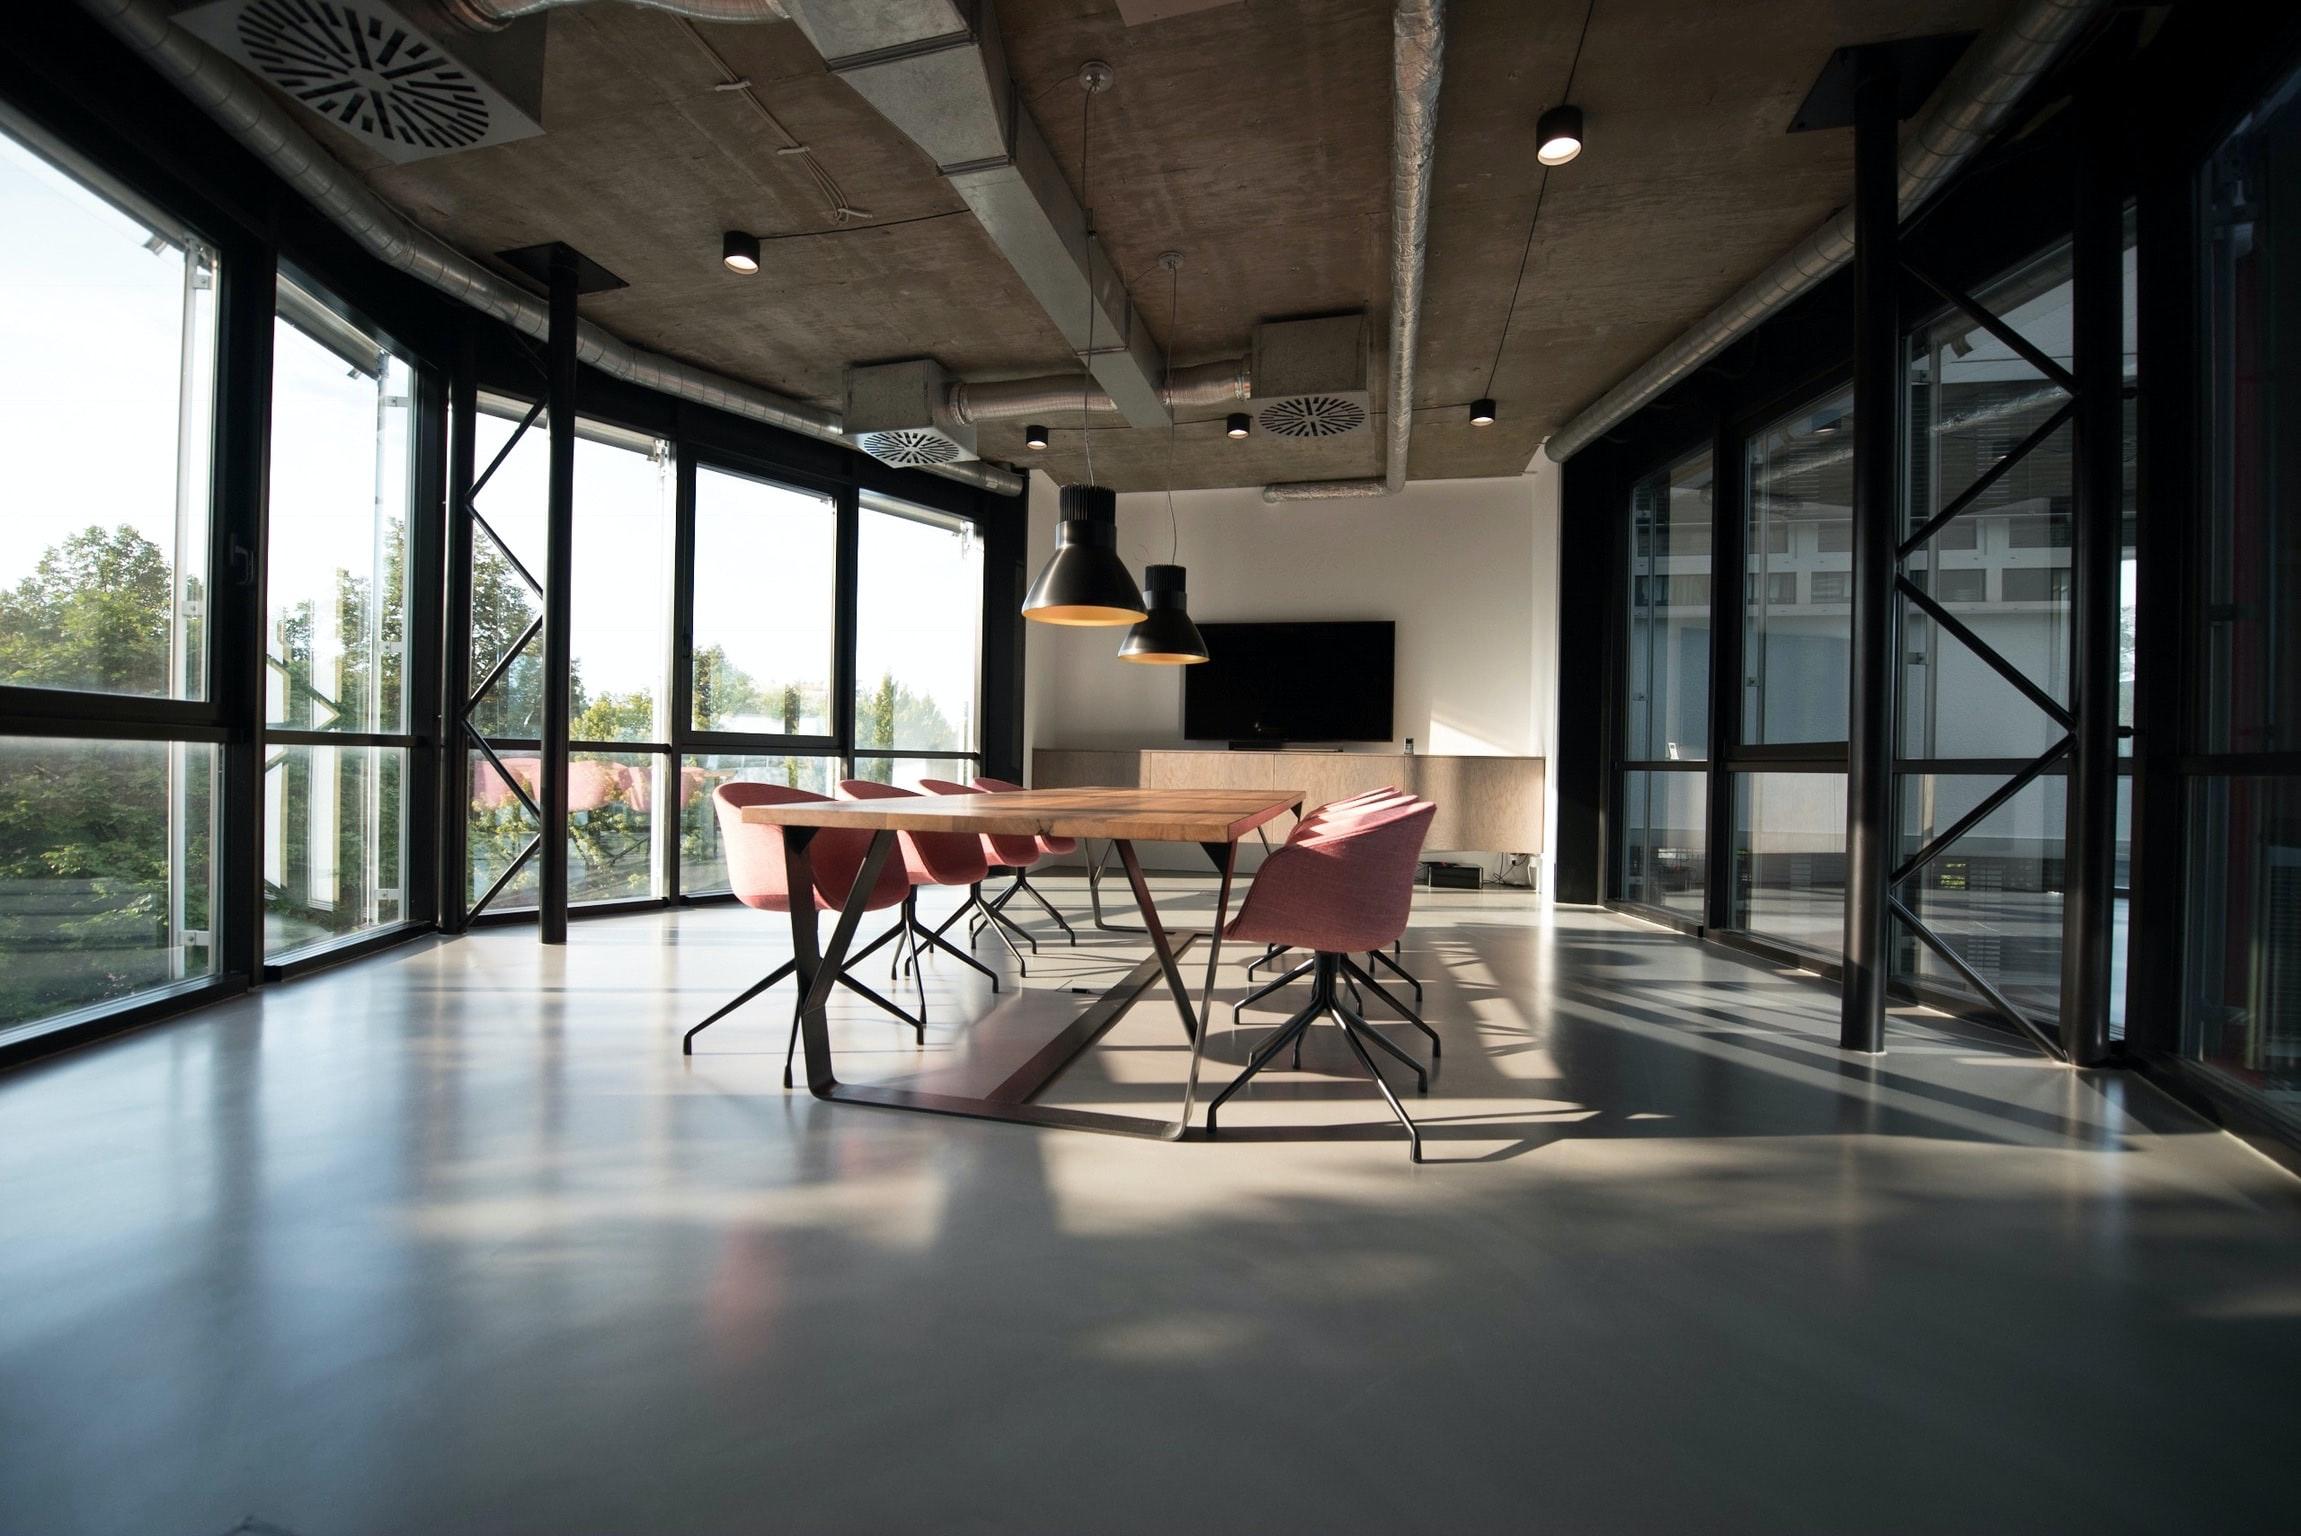 オフィスの内装デザインは業務タイプに合わせて考えよう